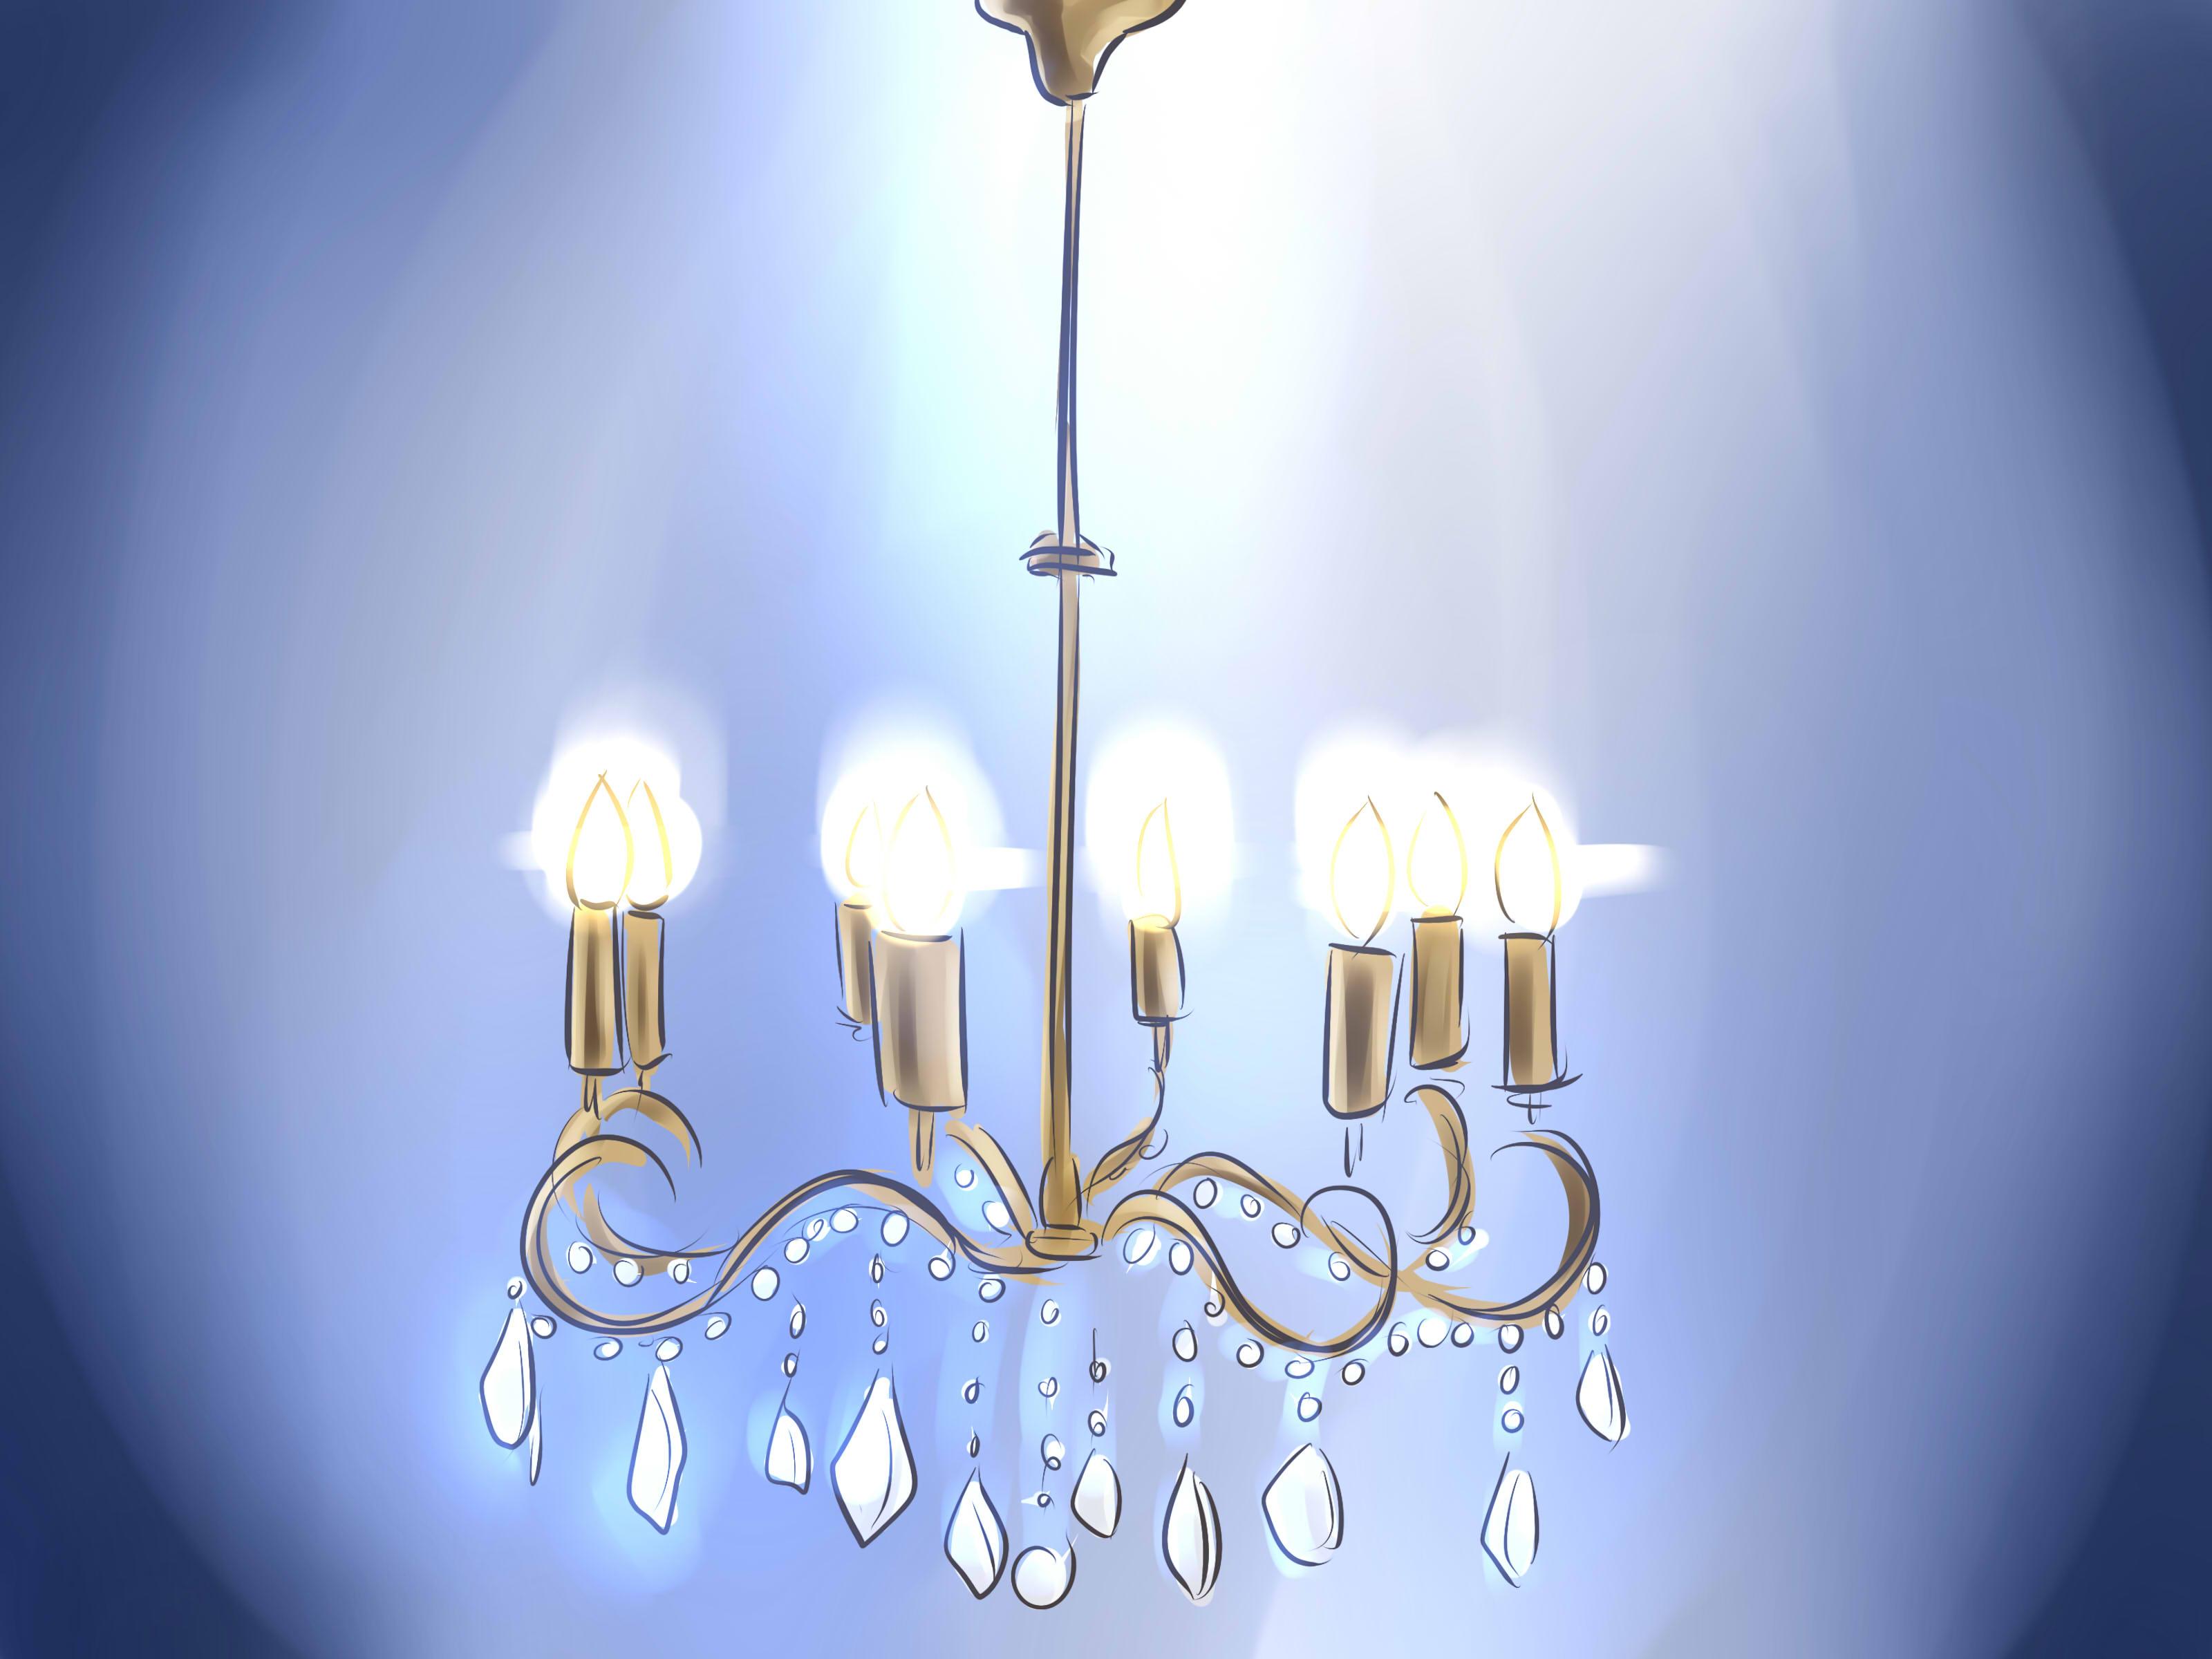 I lampadari di cristallo rendono immediatamente un ambiente elegante e raffinato e non hanno per forza un linea antiquata. Come Pulire Un Lampadario Di Cristallo 8 Passaggi